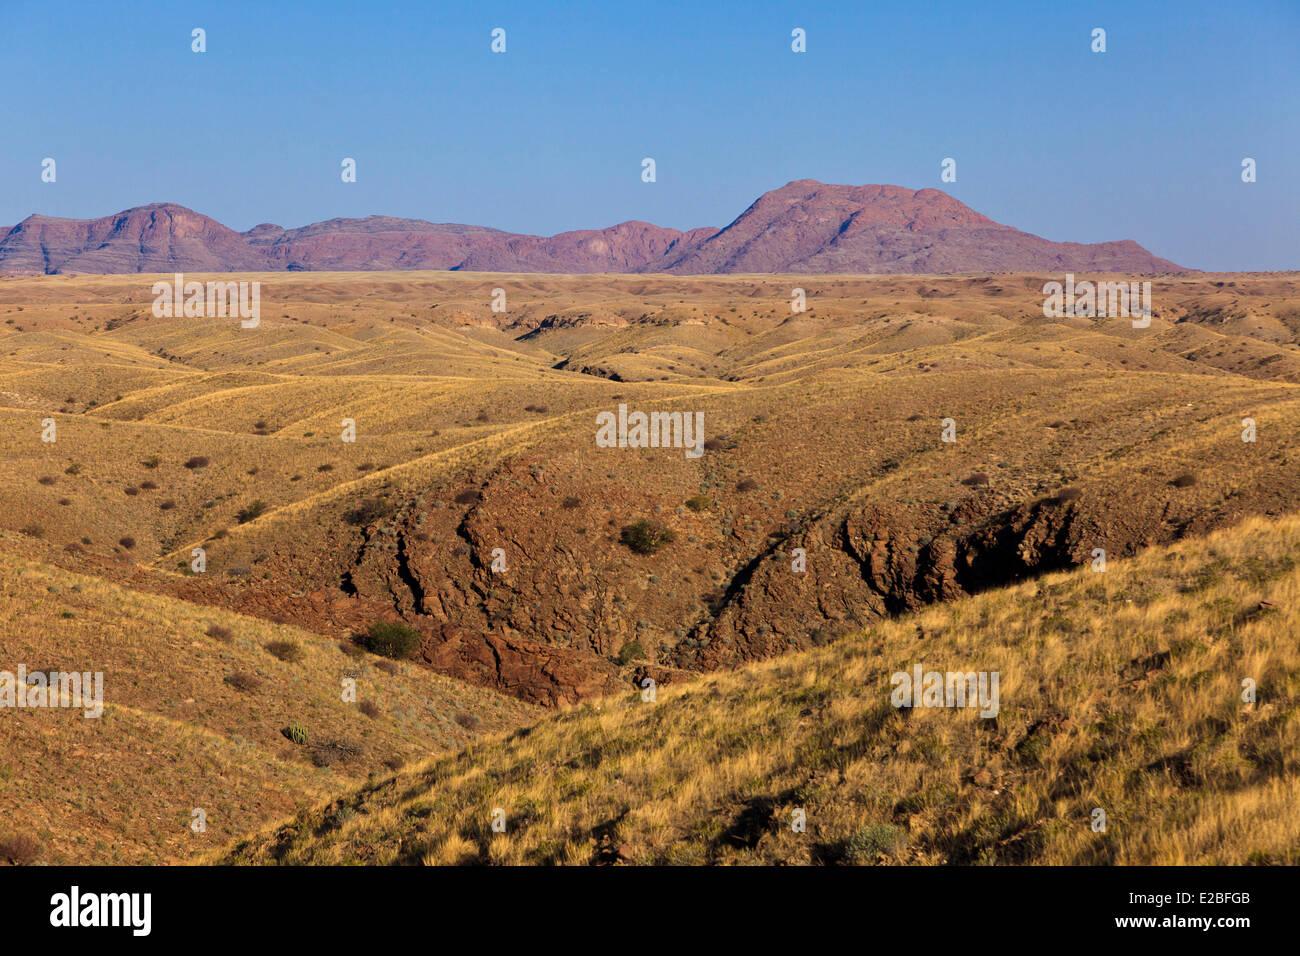 Namibia, Erongo Region, the Kuiseb Valley - Stock Image